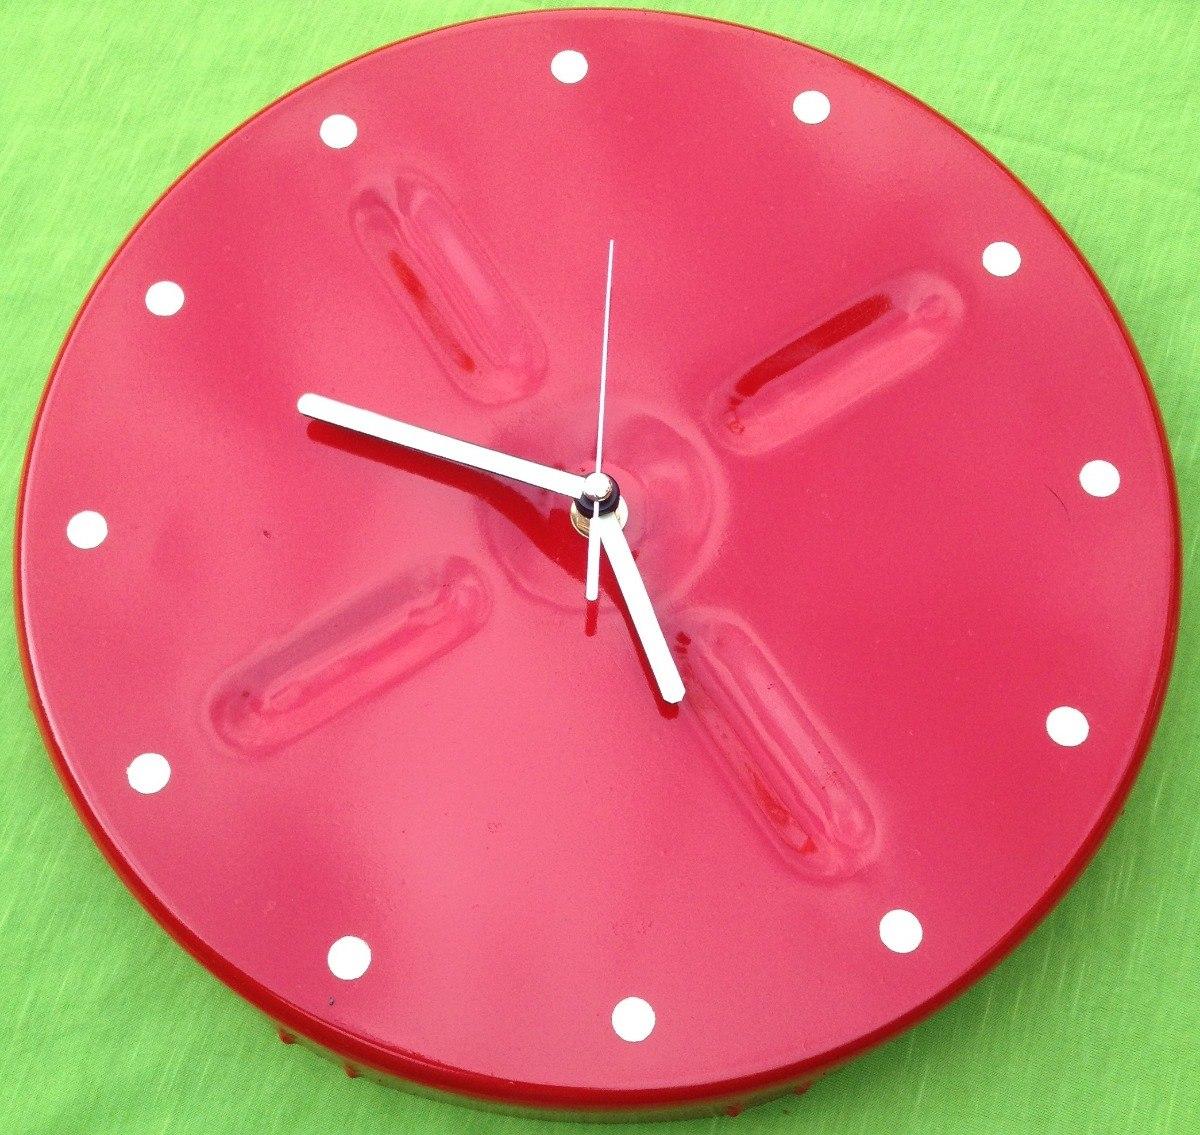 dd1782367f8 relógio de parede artesanal sala quarto cozinha decoração. Carregando zoom.